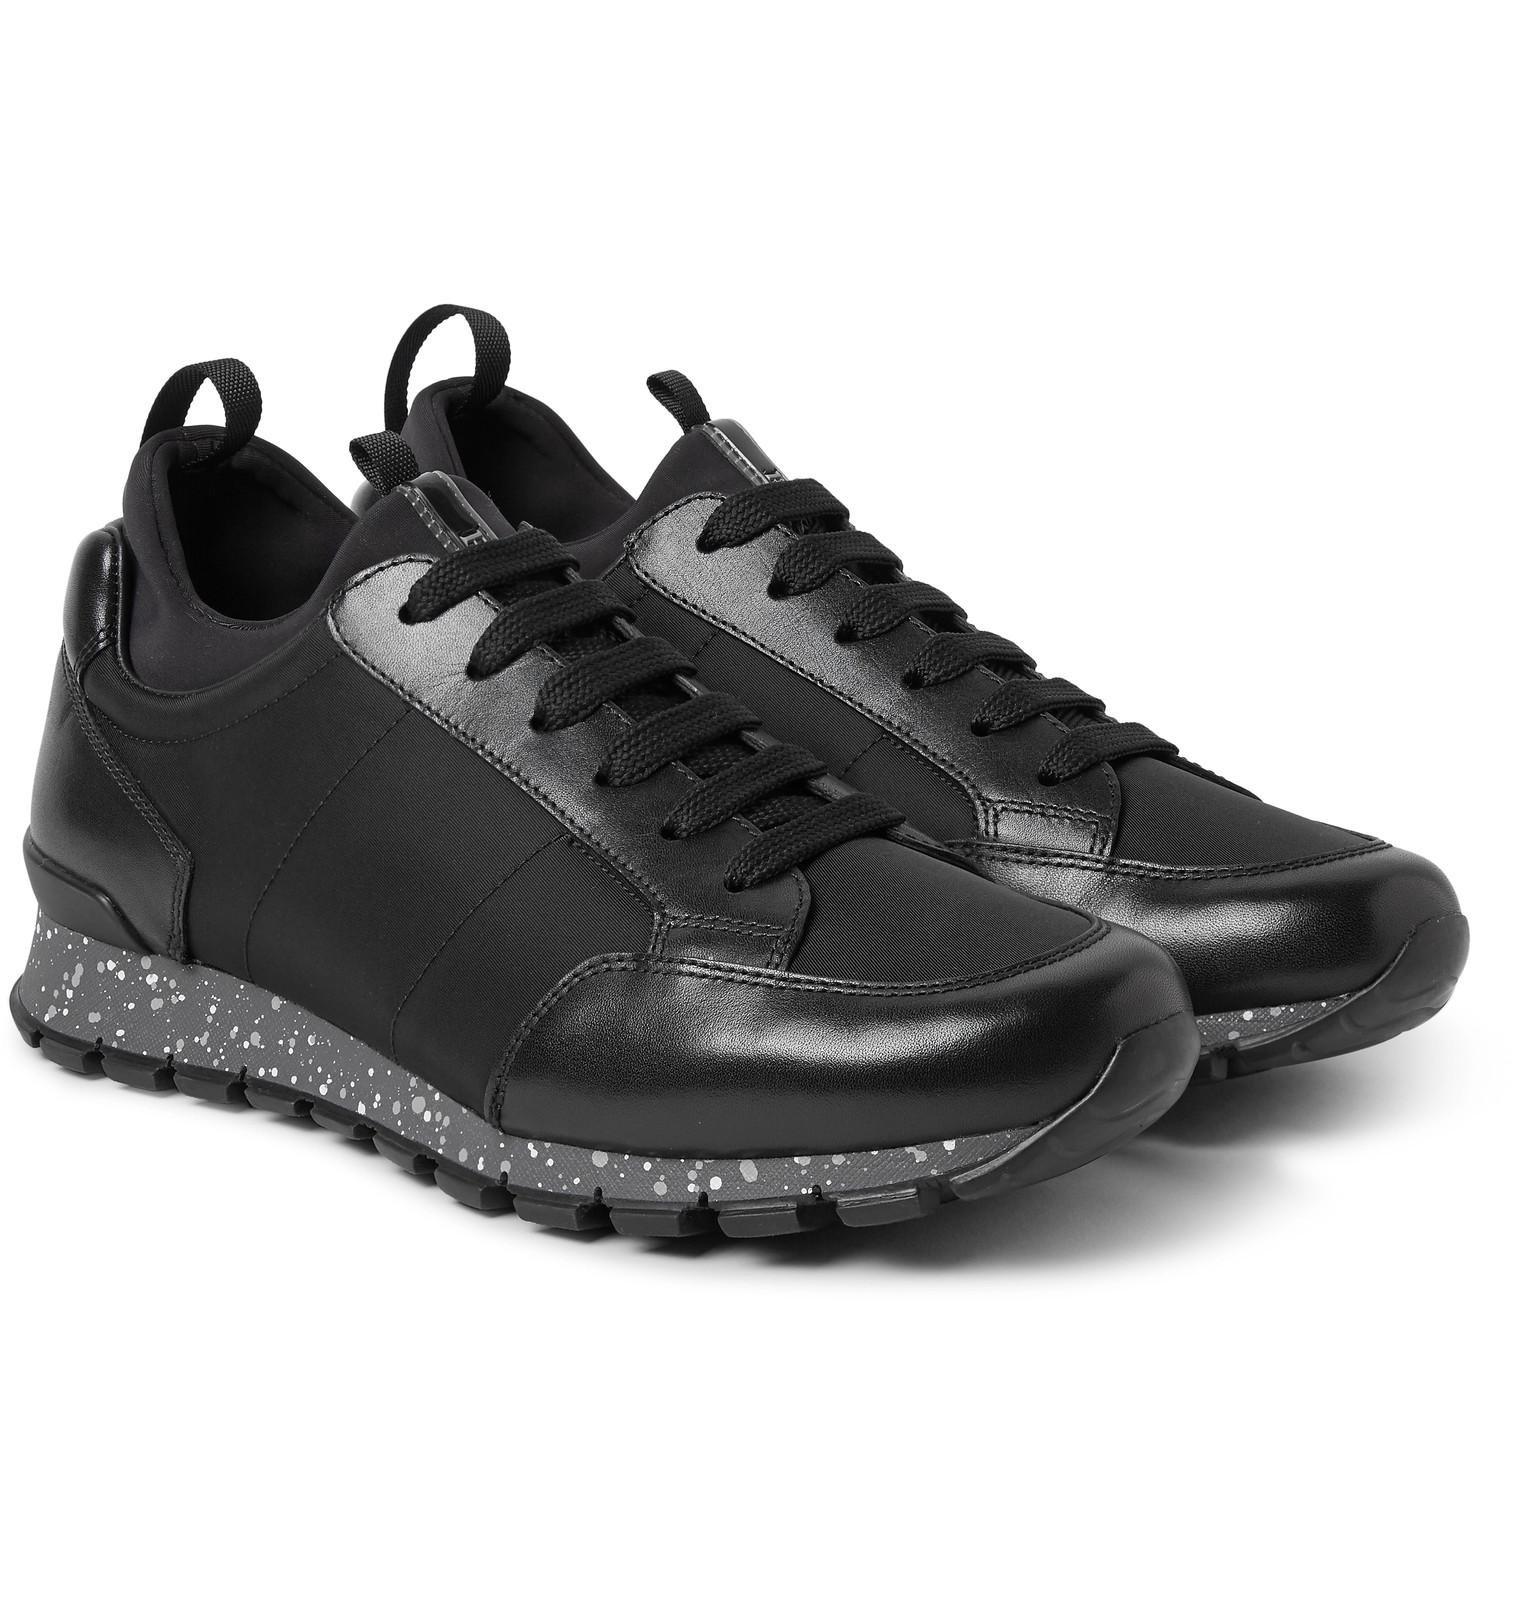 Prada Mens Shoes High Sneakers Black